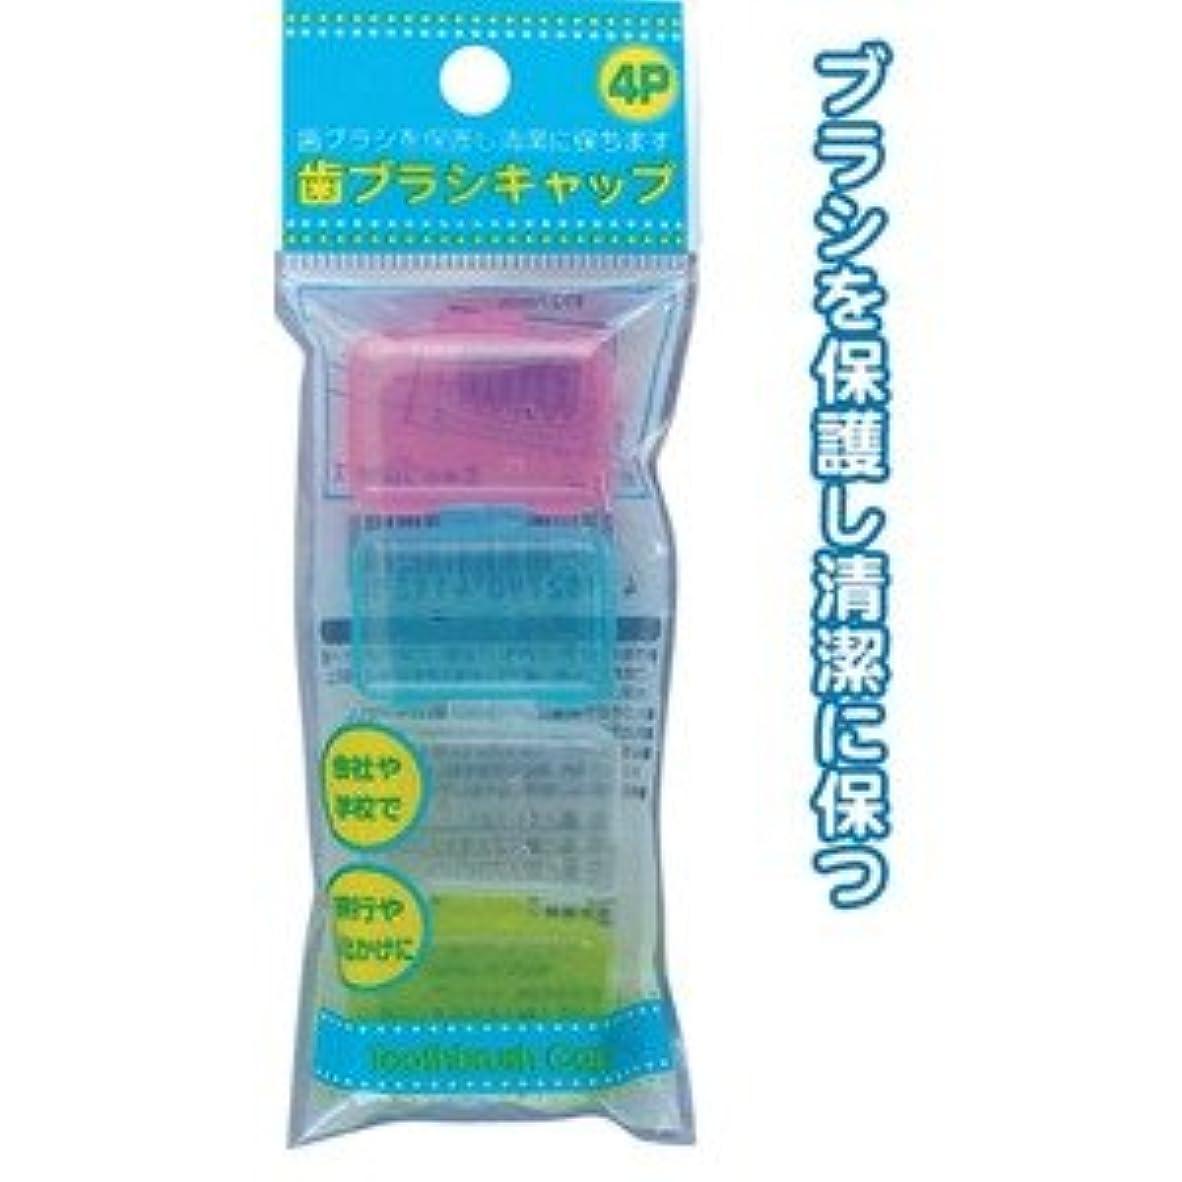 性格ボリューム悔い改める歯ブラシキャップ(4P) 【12個セット】 41-121